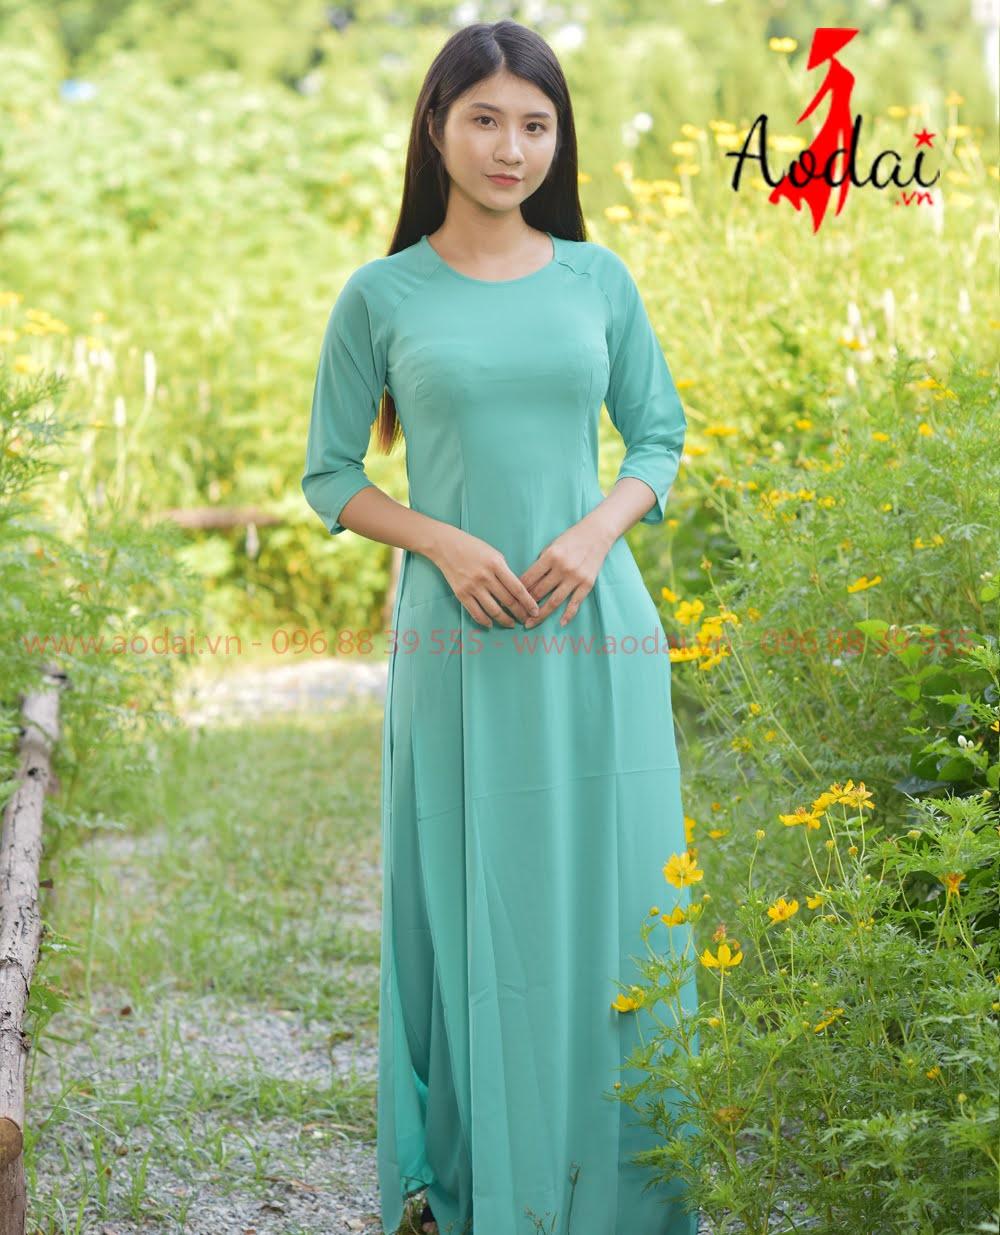 In áo dài tại Đắk Lắk